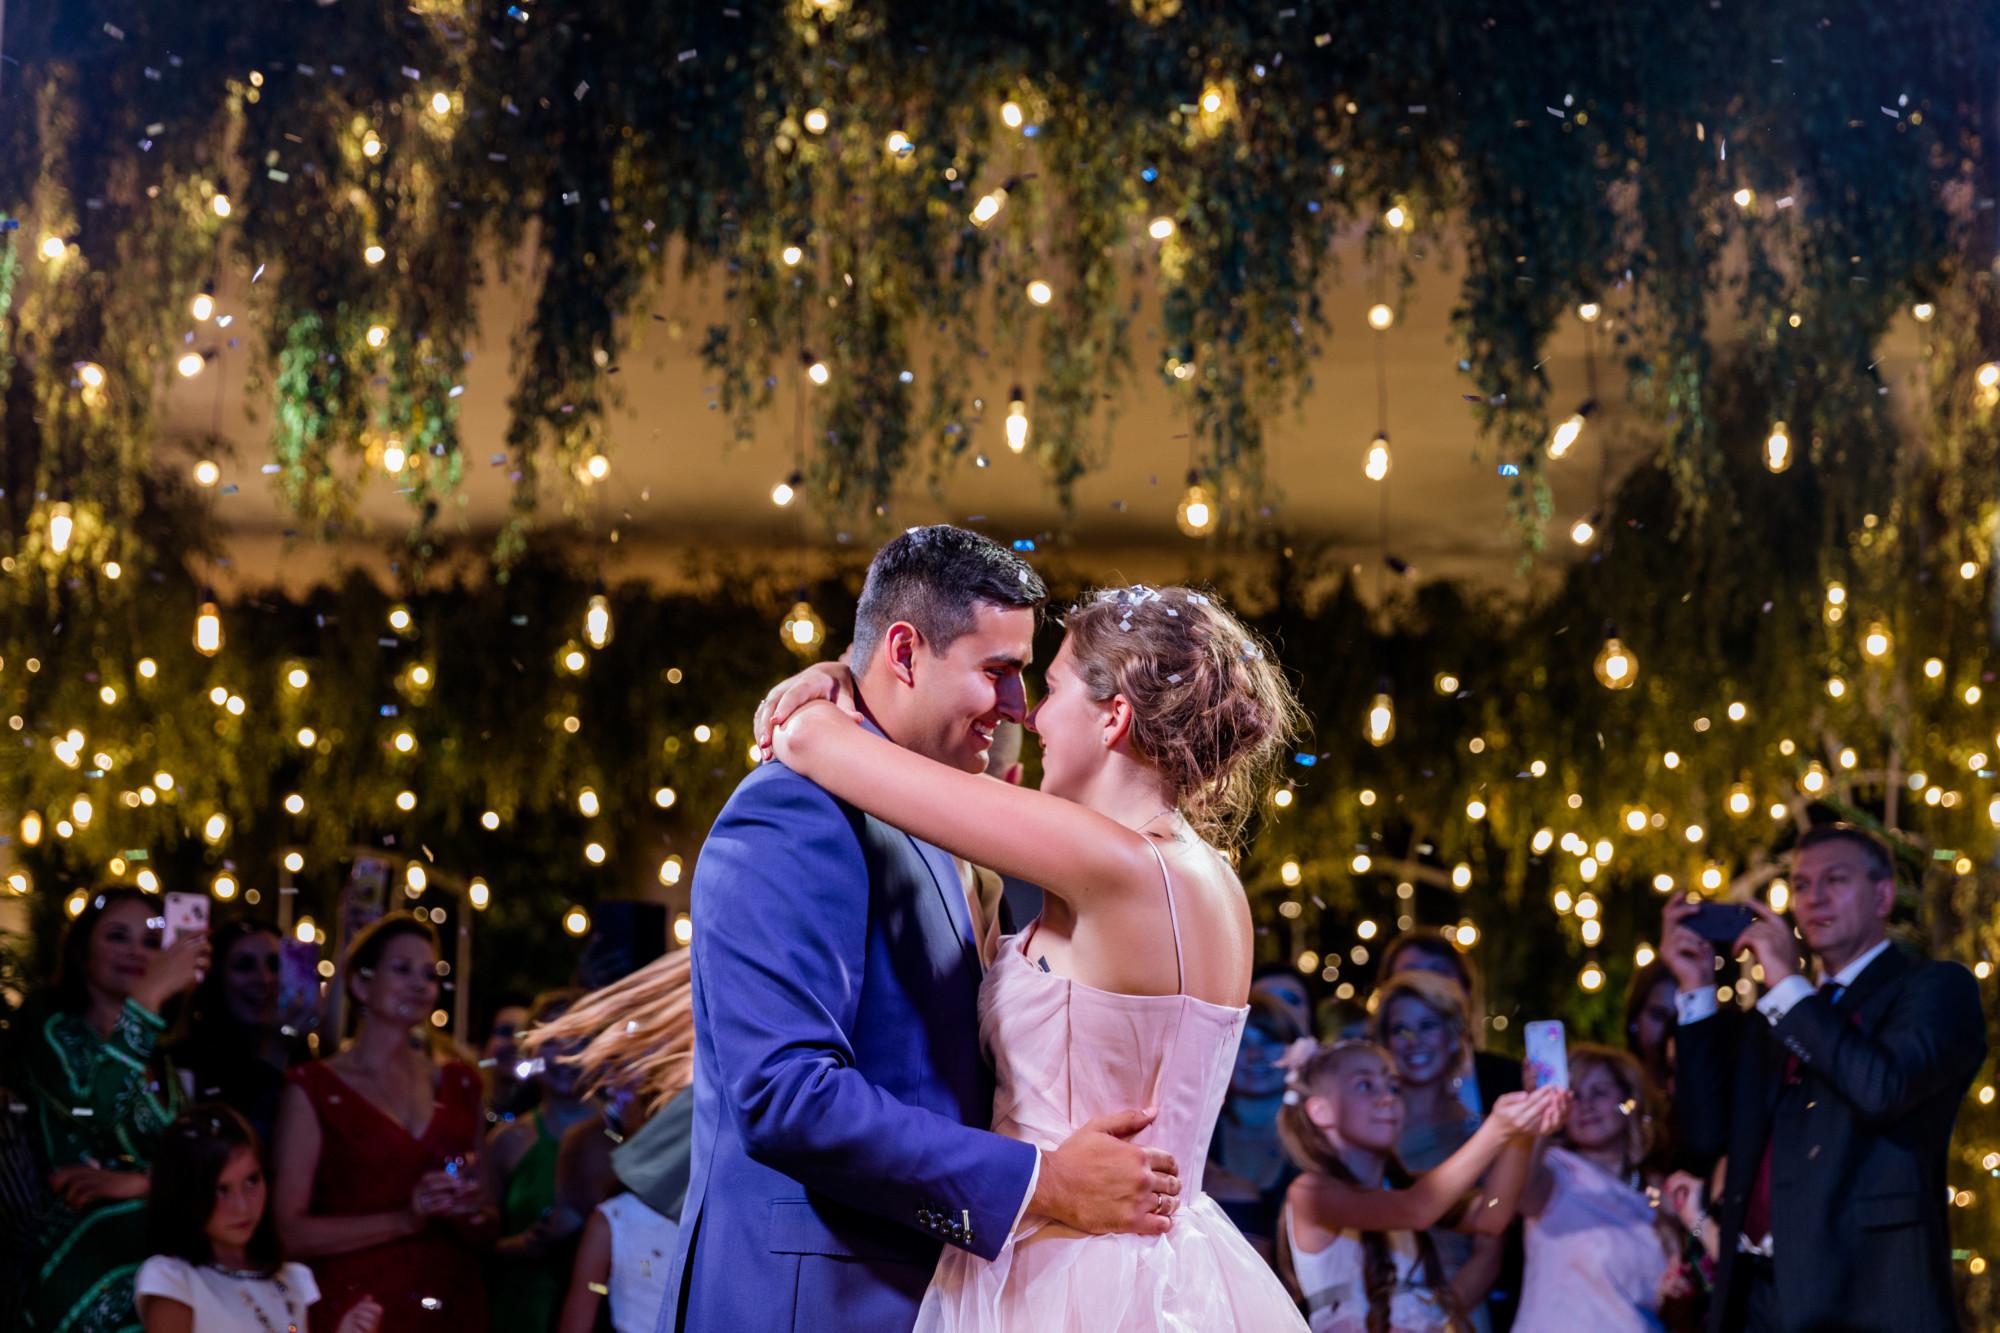 Потрясающая индийская свадьба: дочь телеведущего Петра Толстого вышла замуж за идеального мужчину